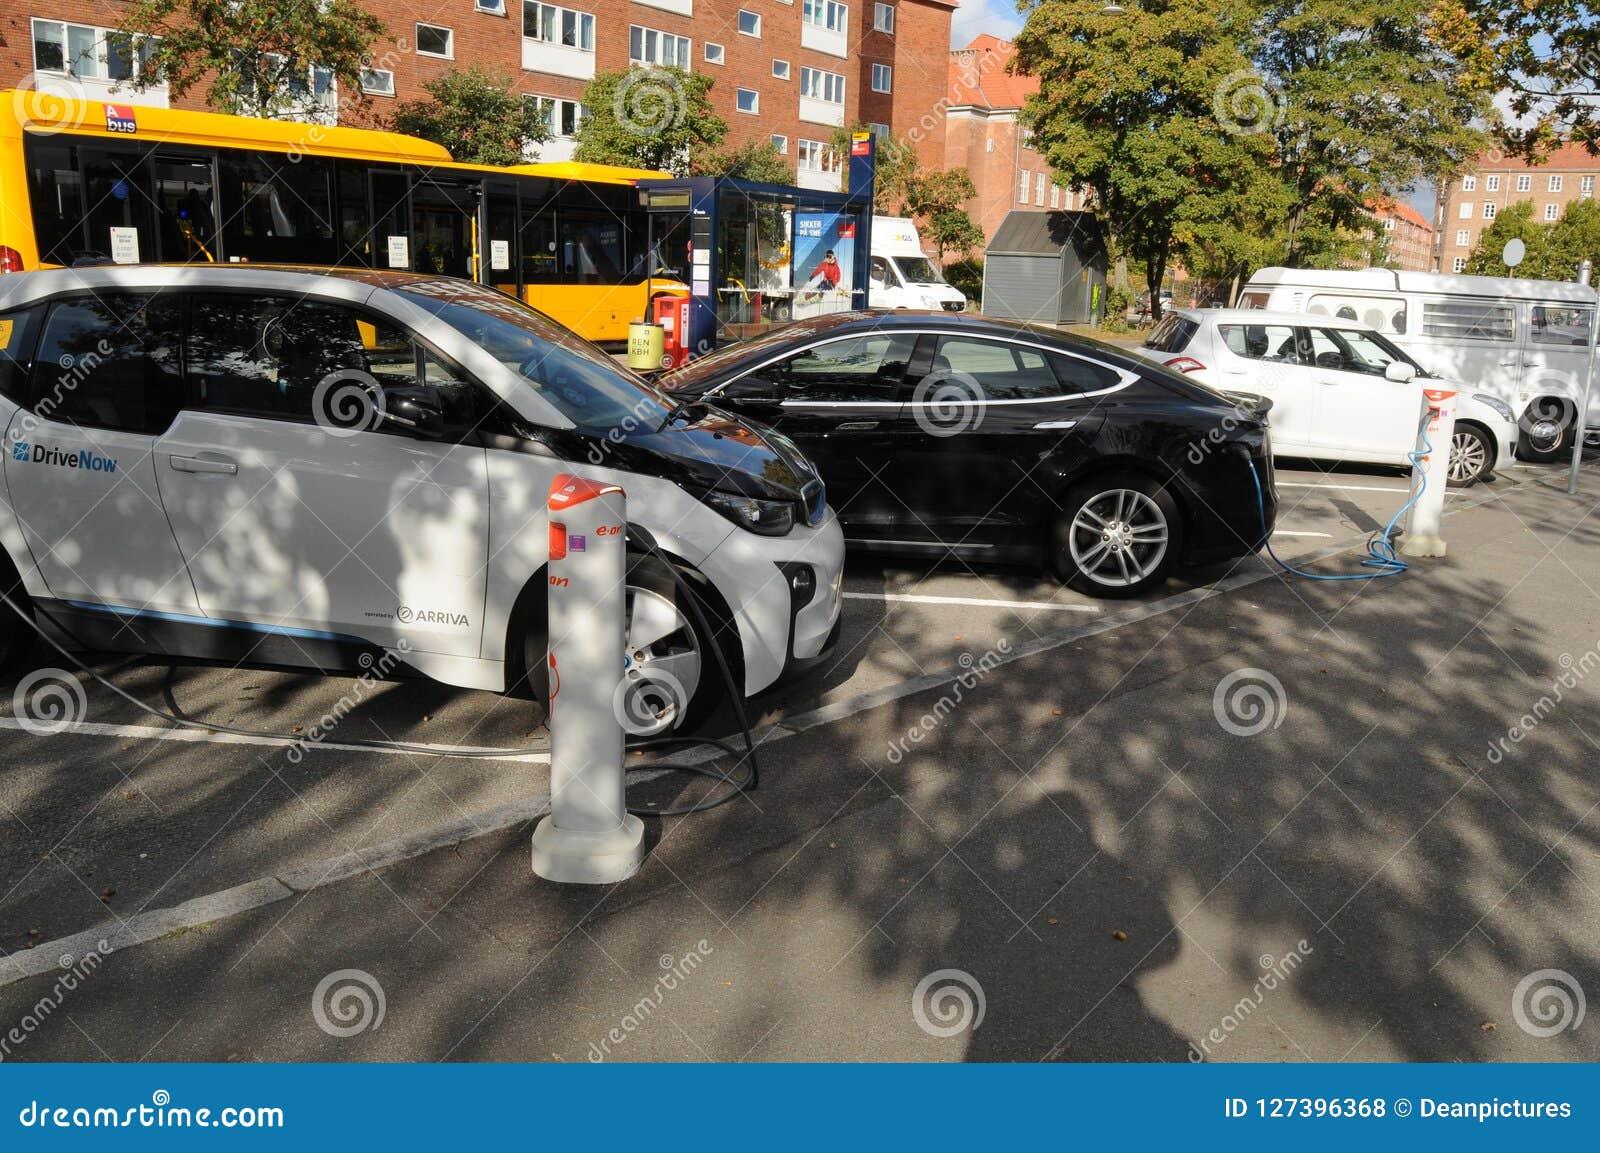 Usa Tesla Electric Car And German Bmw Electric Car Editorial Stock